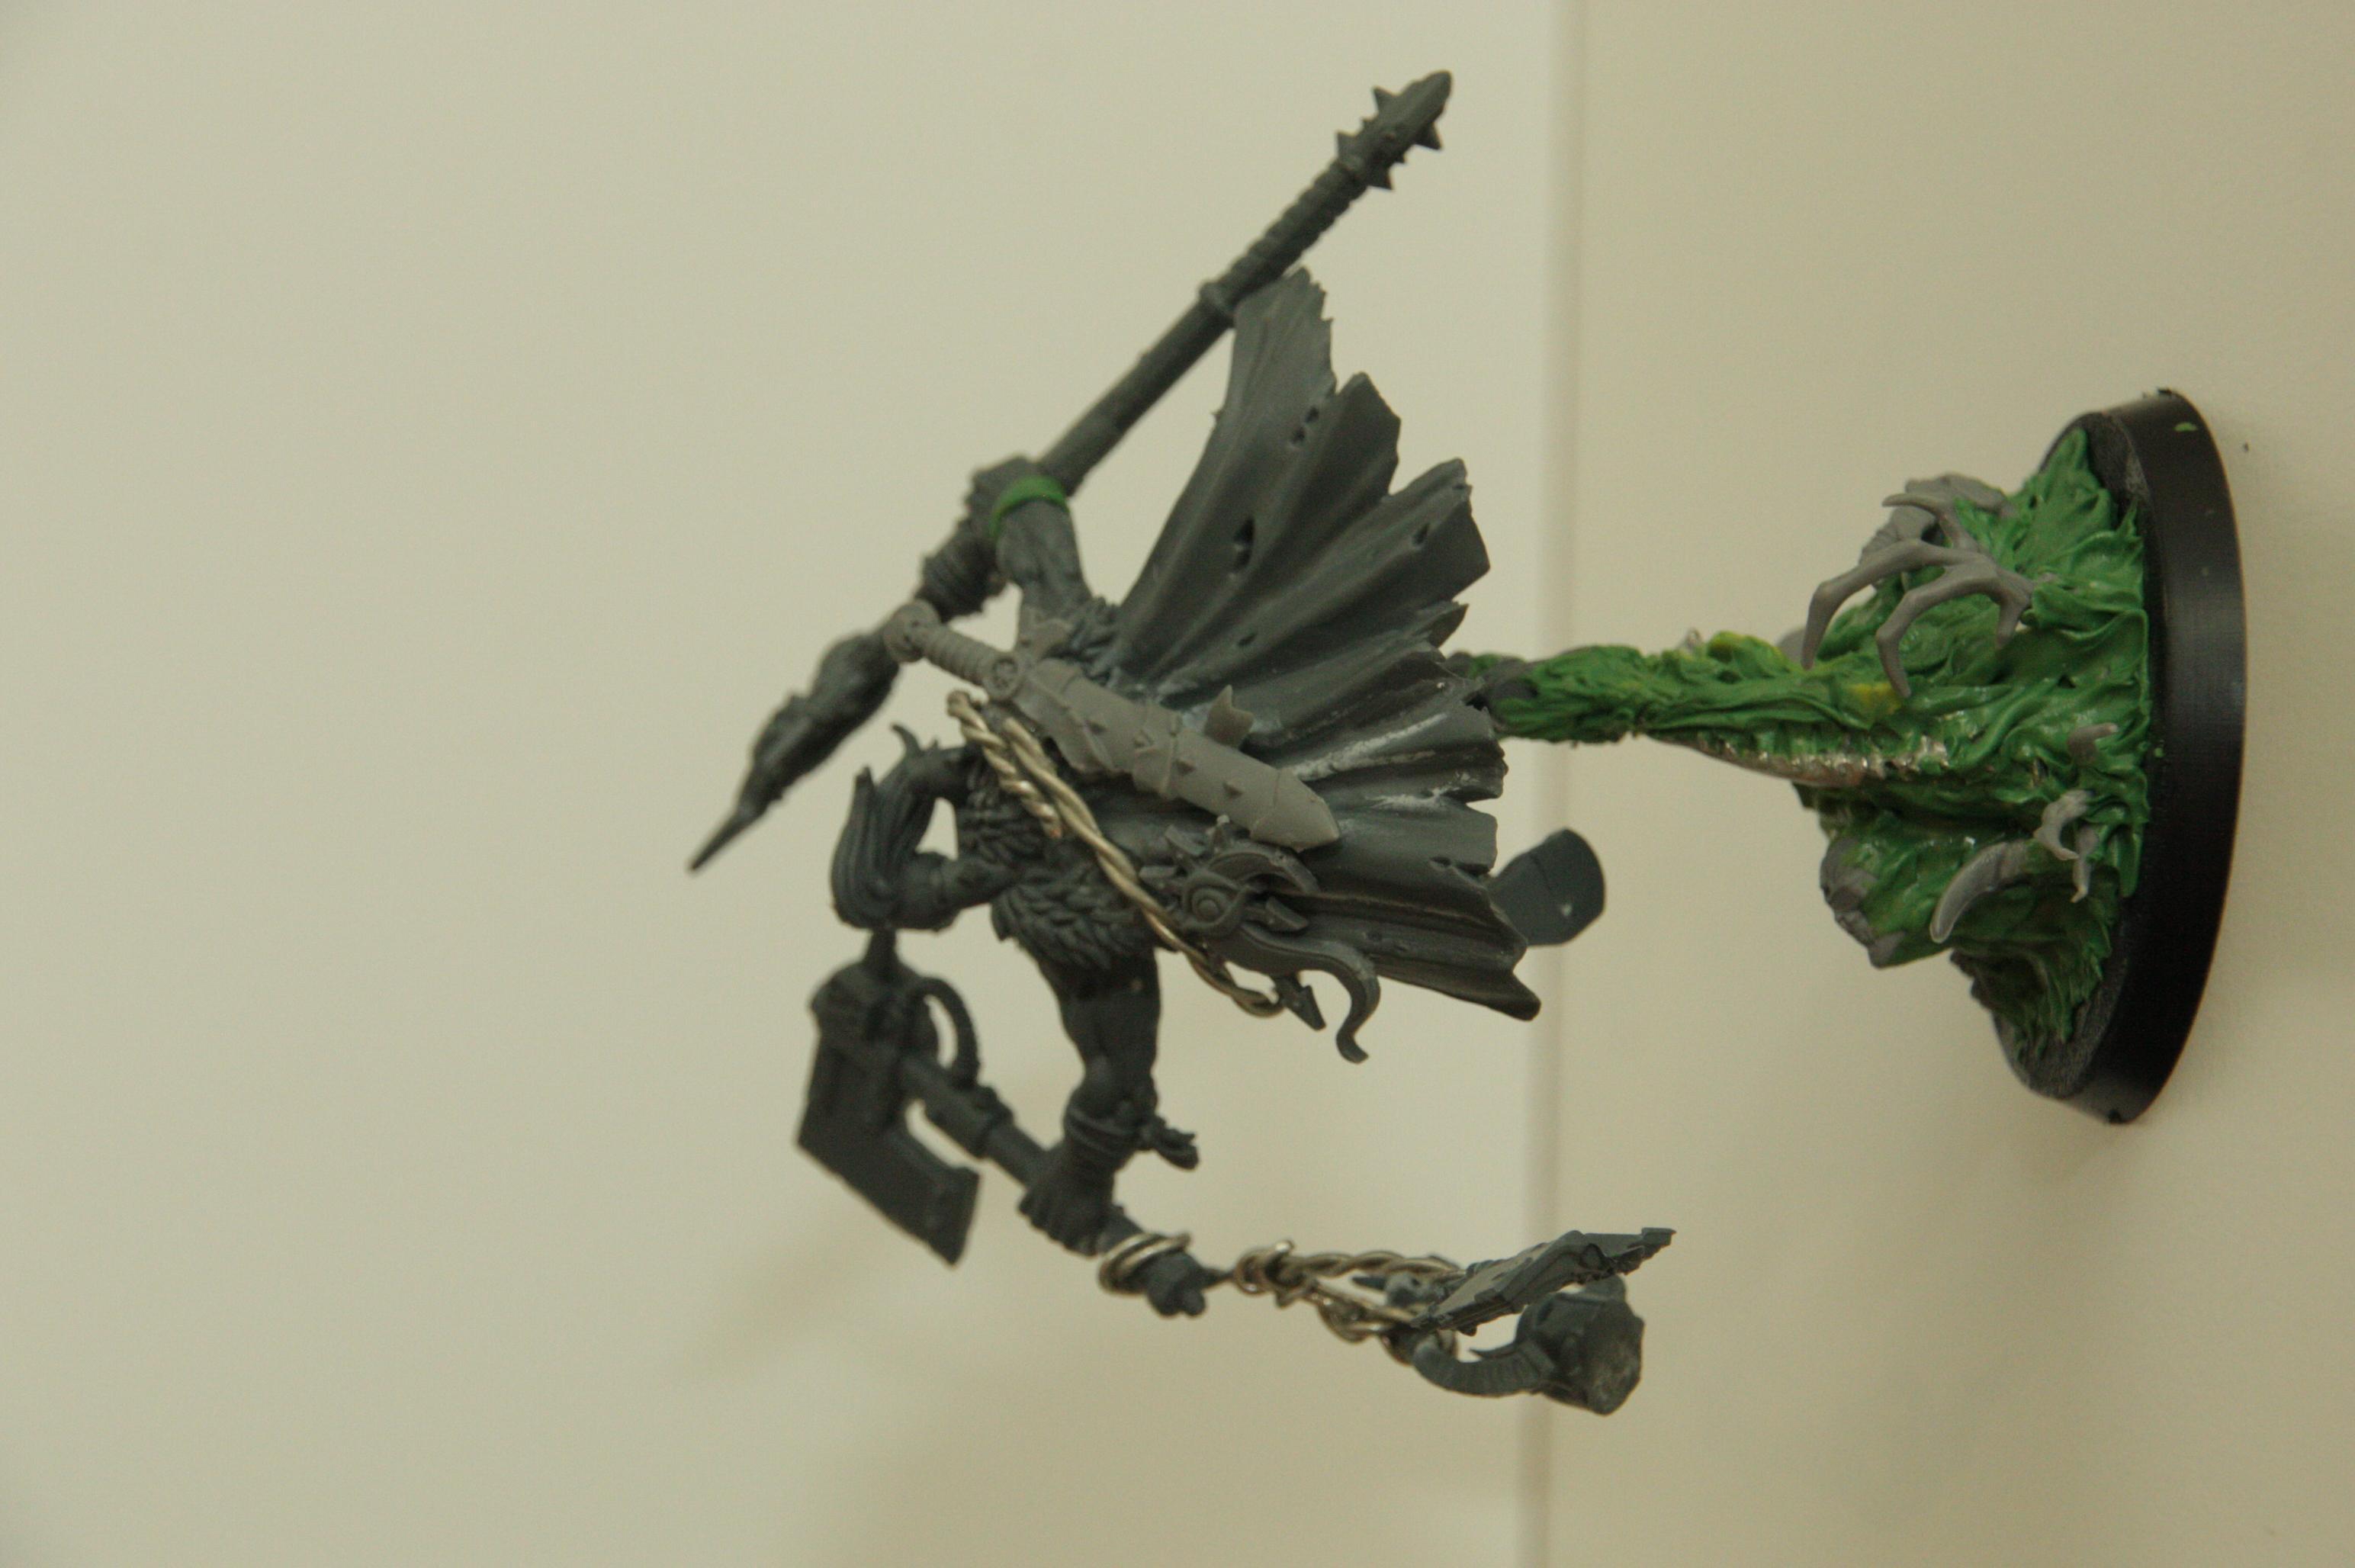 Ork - Weirdboy WIP behind